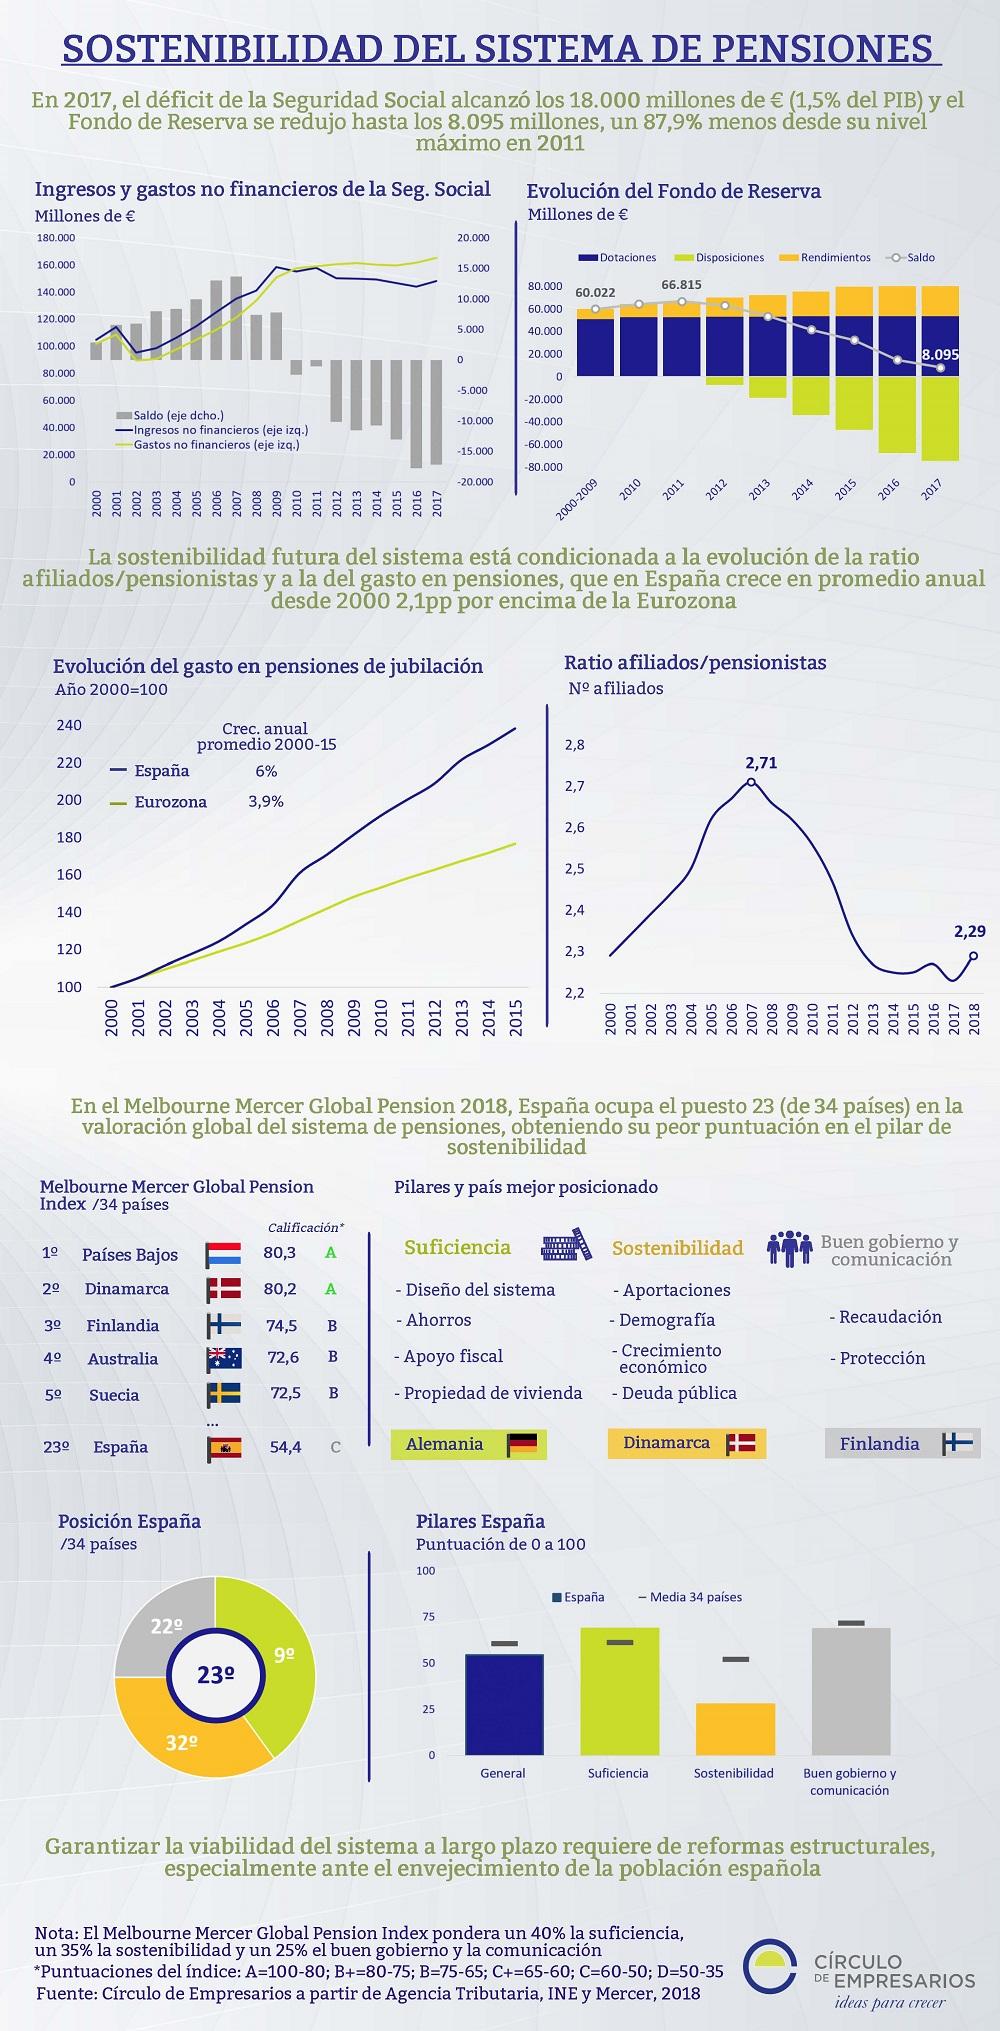 Sostenibilidad del sistema de pensiones en España